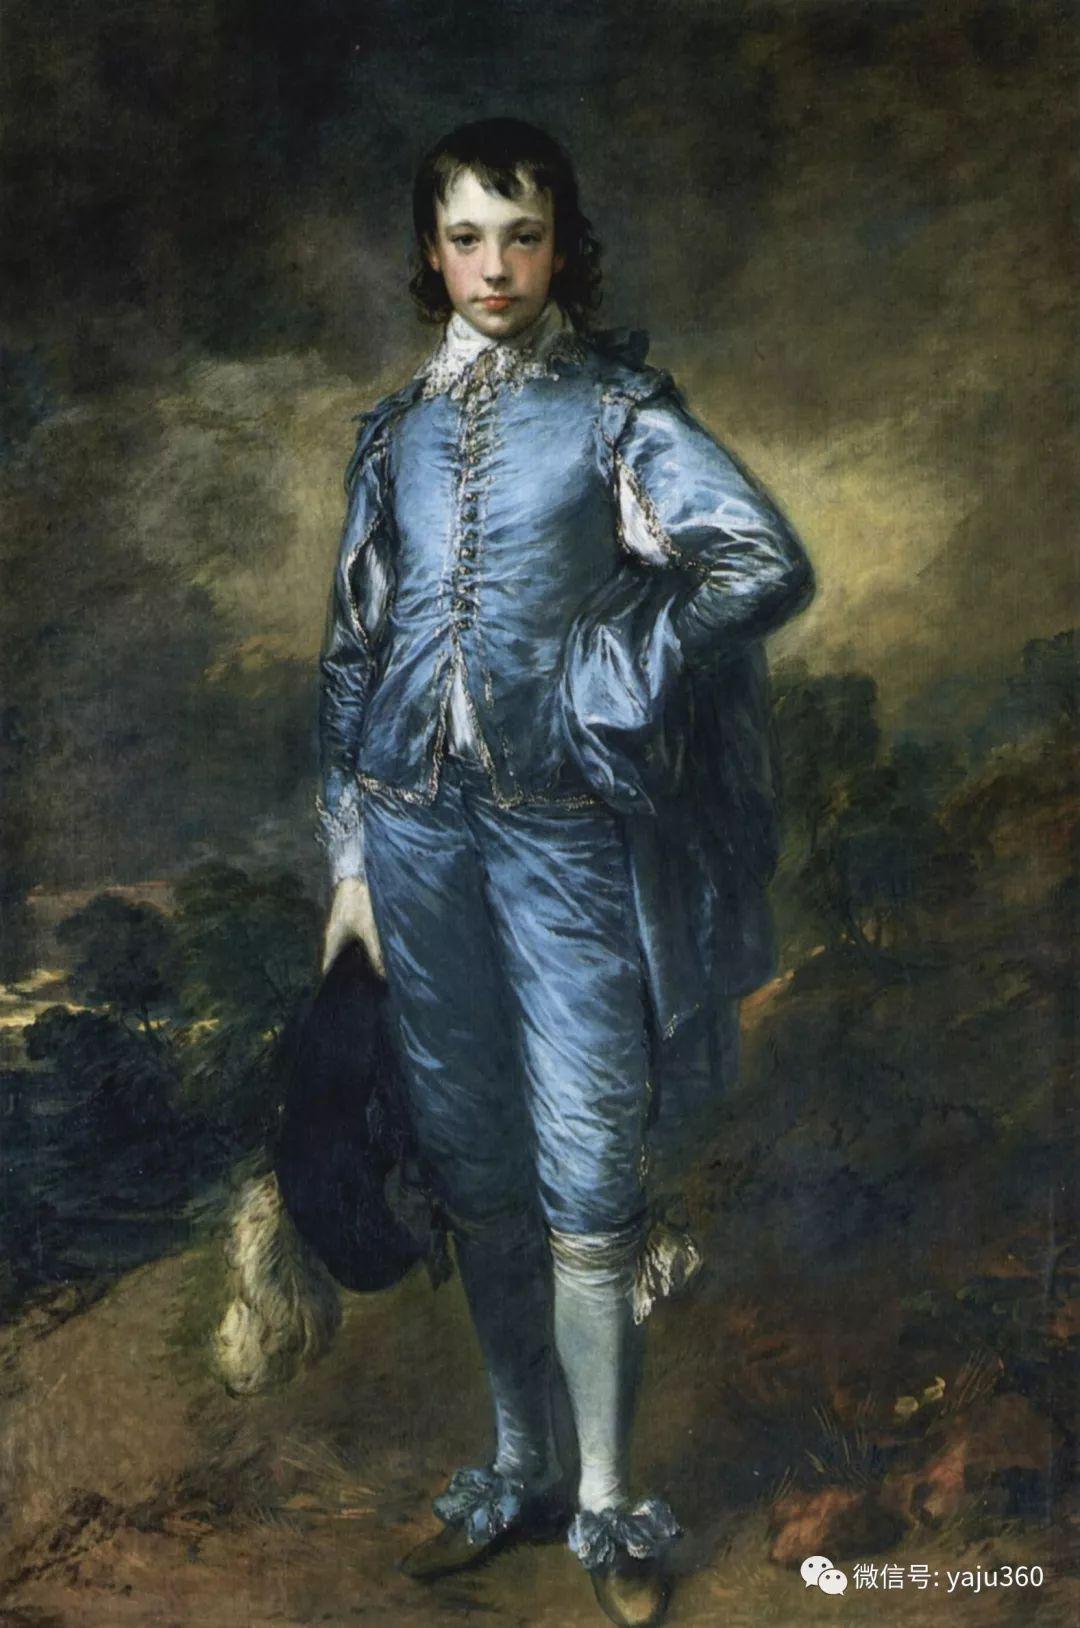 最早描绘英国乡村风景的画家 庚斯博罗插图9